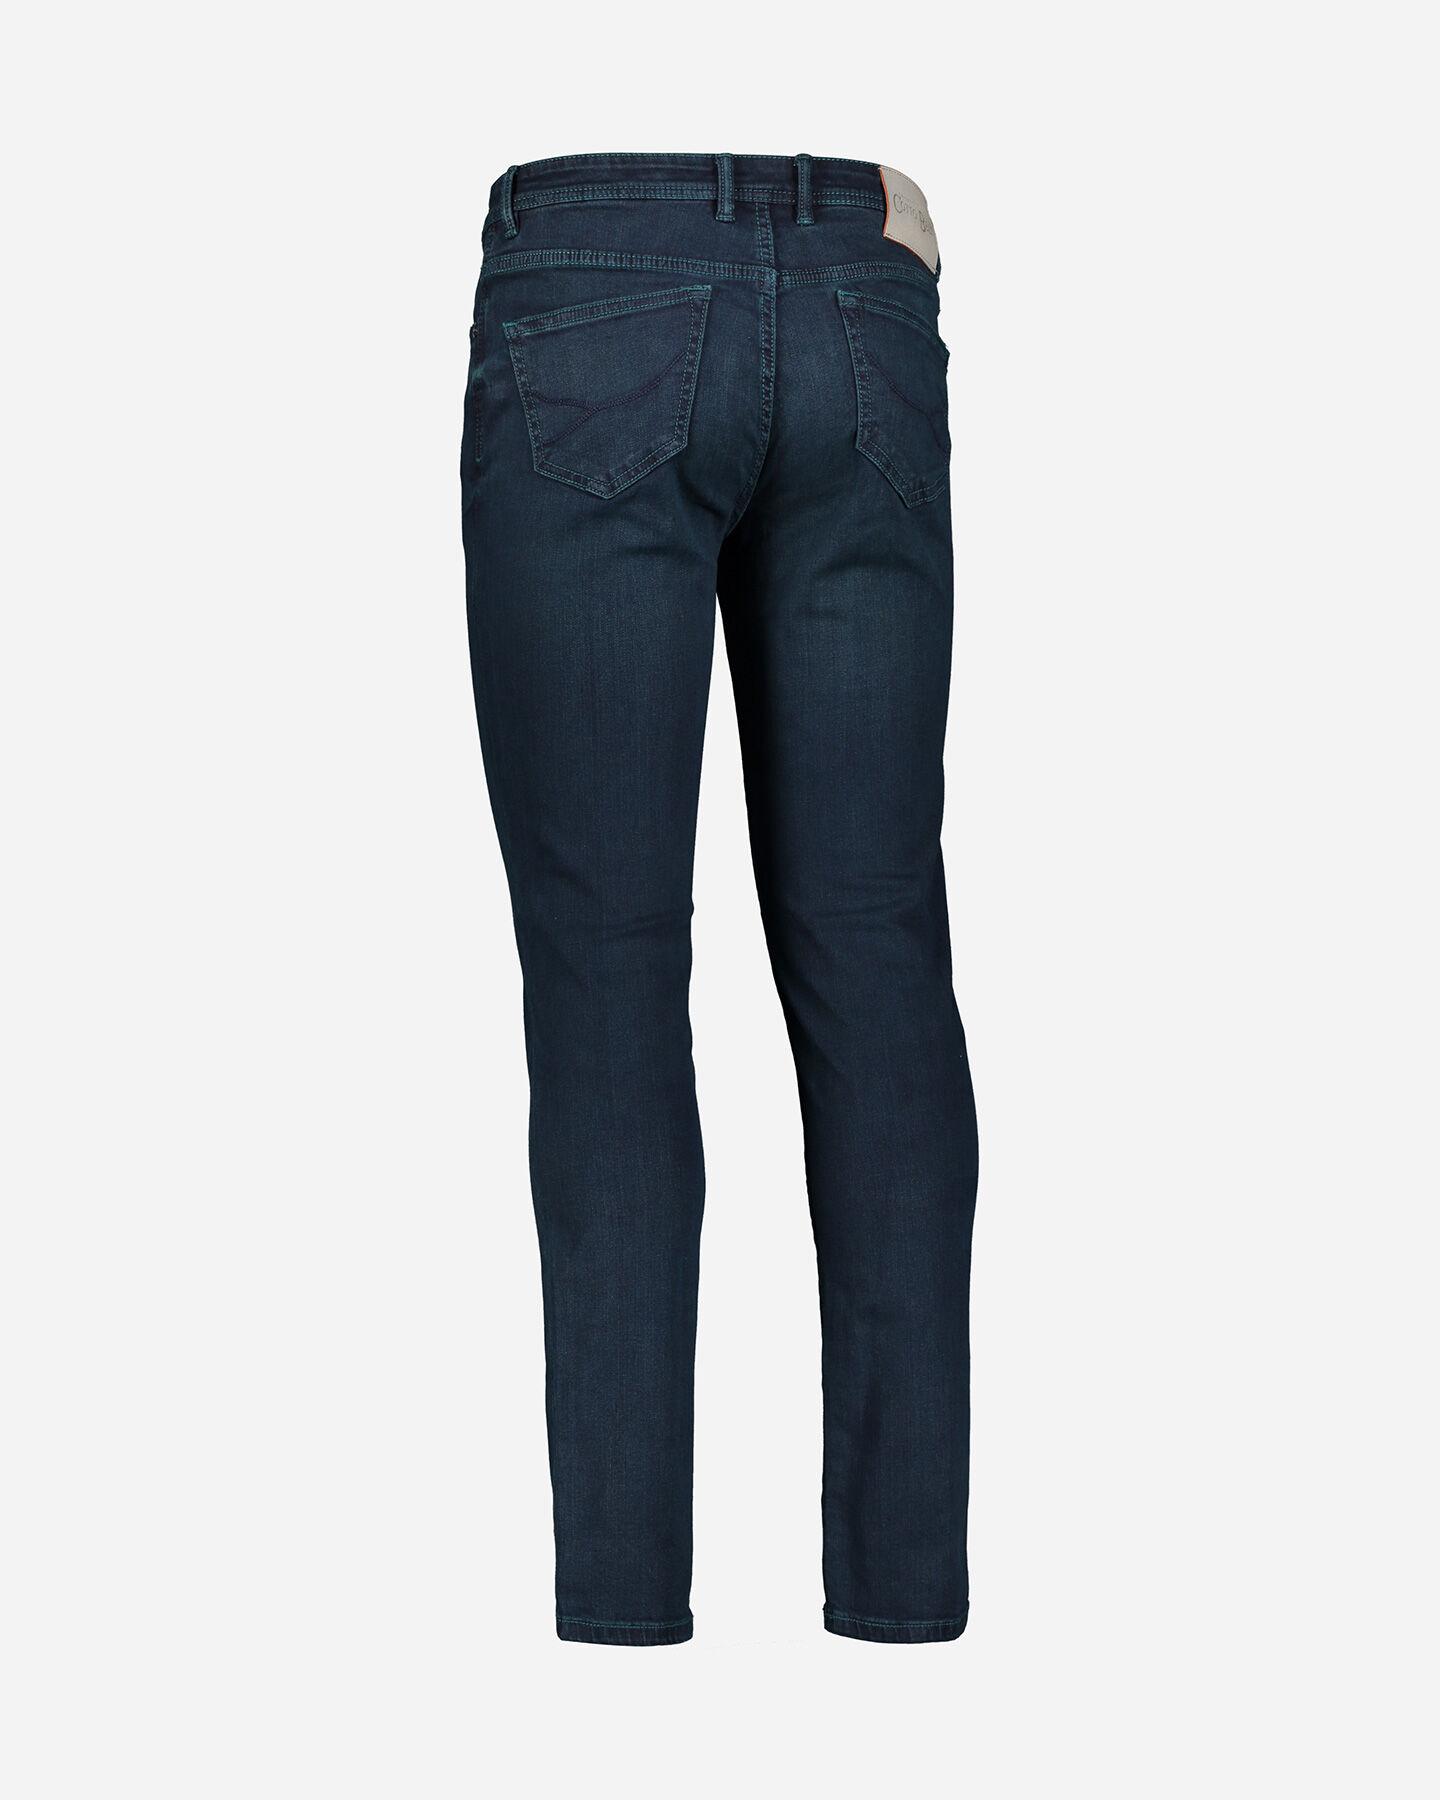 Jeans COTTON BELT CHANDLER SLIM M S4070911 scatto 6